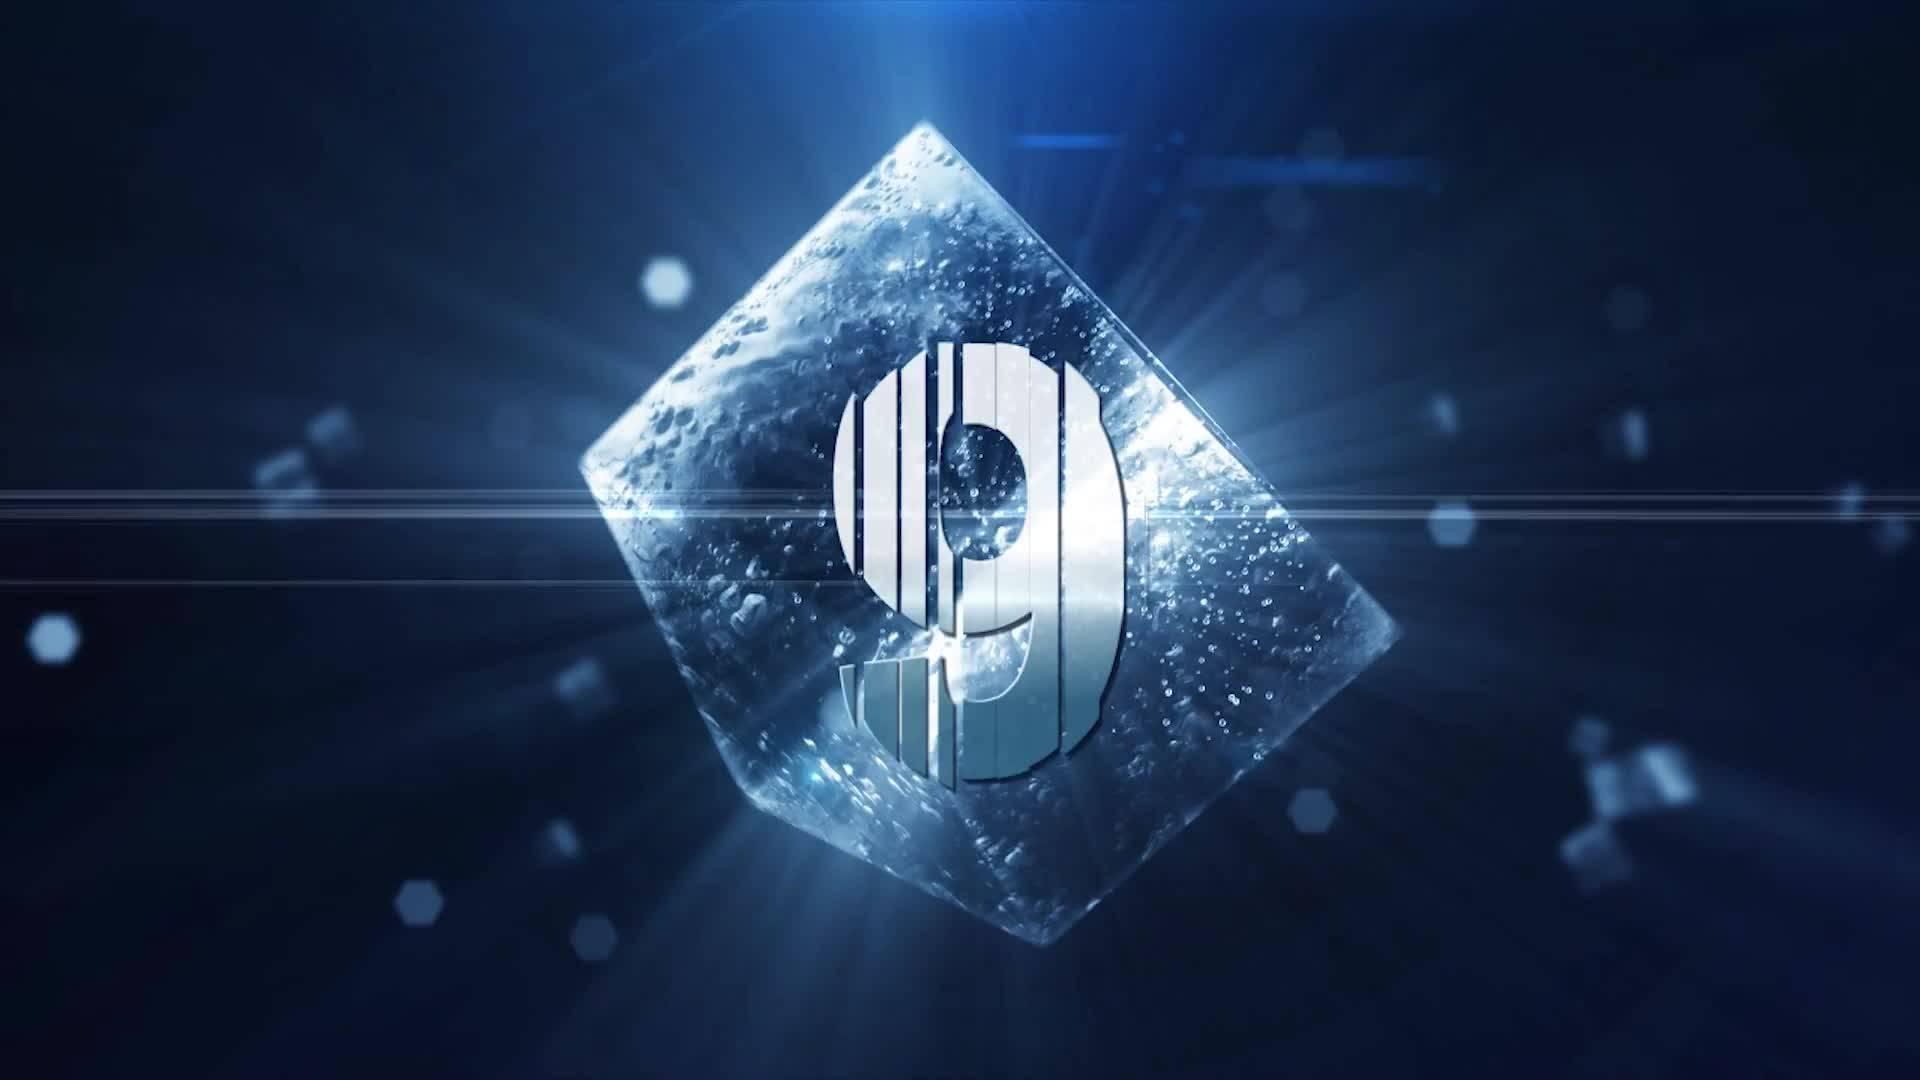 唯美水晶立方体10秒倒计时